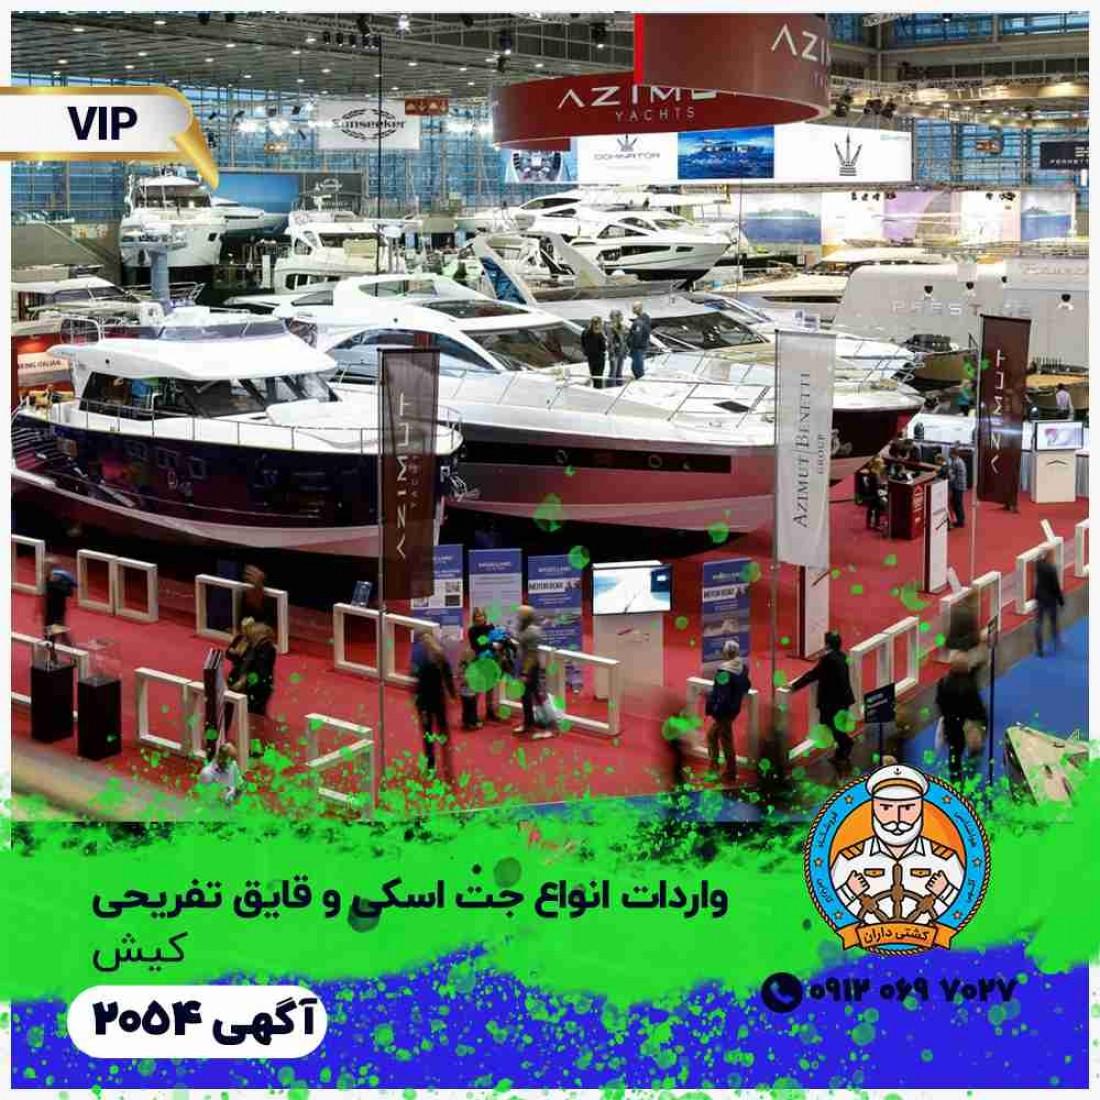 شرکت Kish Boats - واردکننده انواع جت اسکی و قایق تفریحی